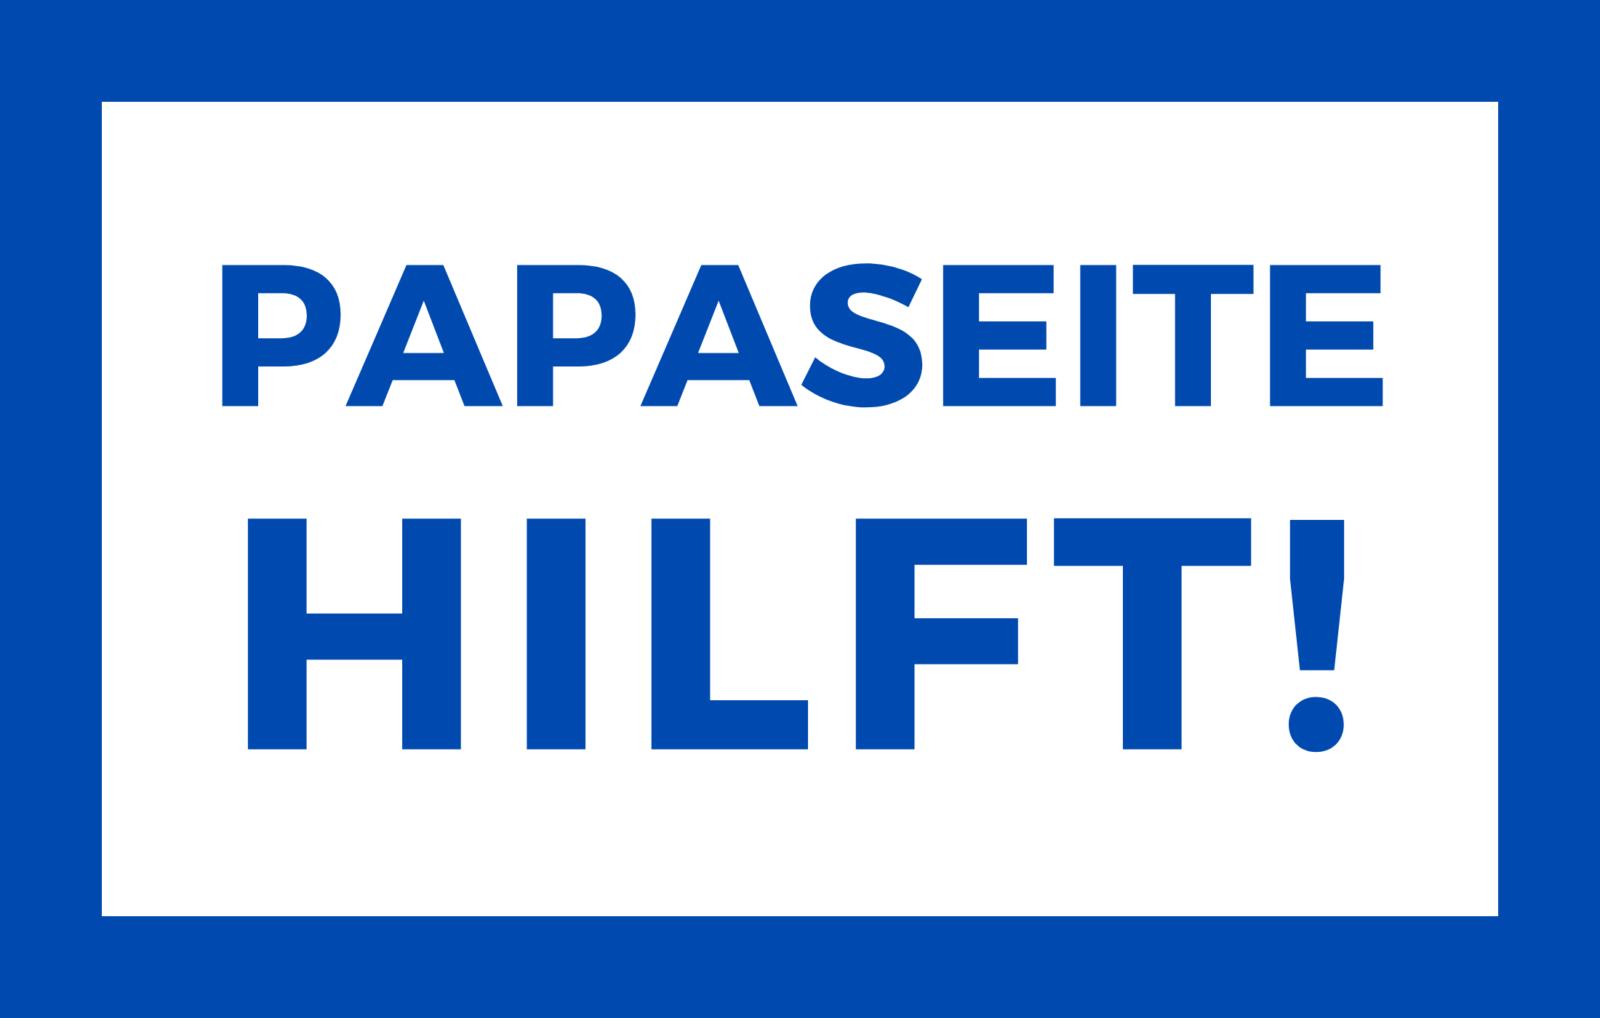 PAPASEITE HILFT